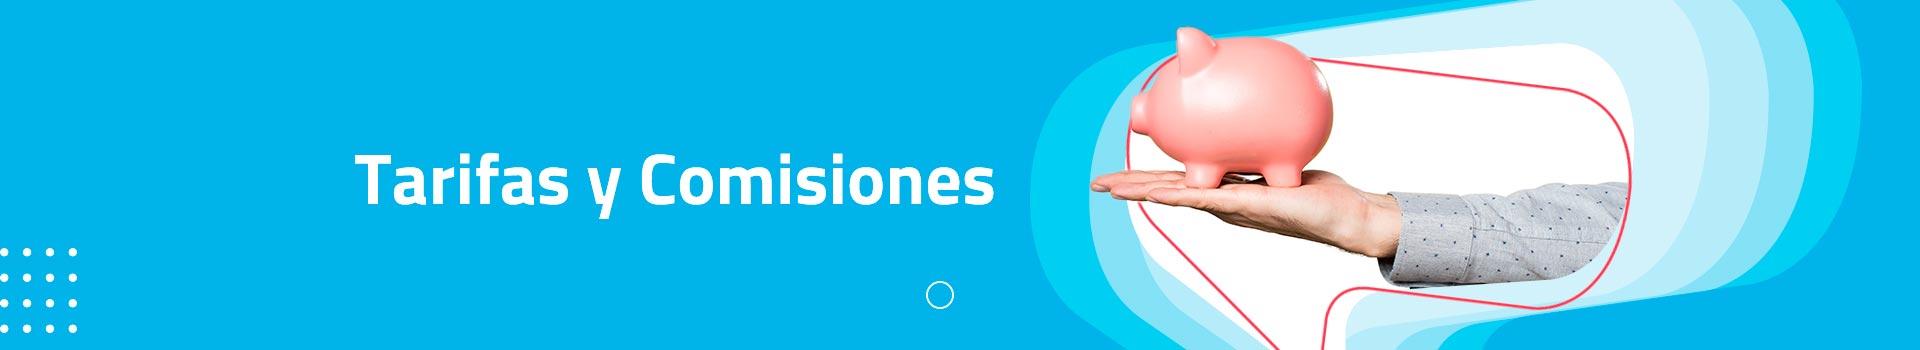 Banner Tarifas y Comisiones